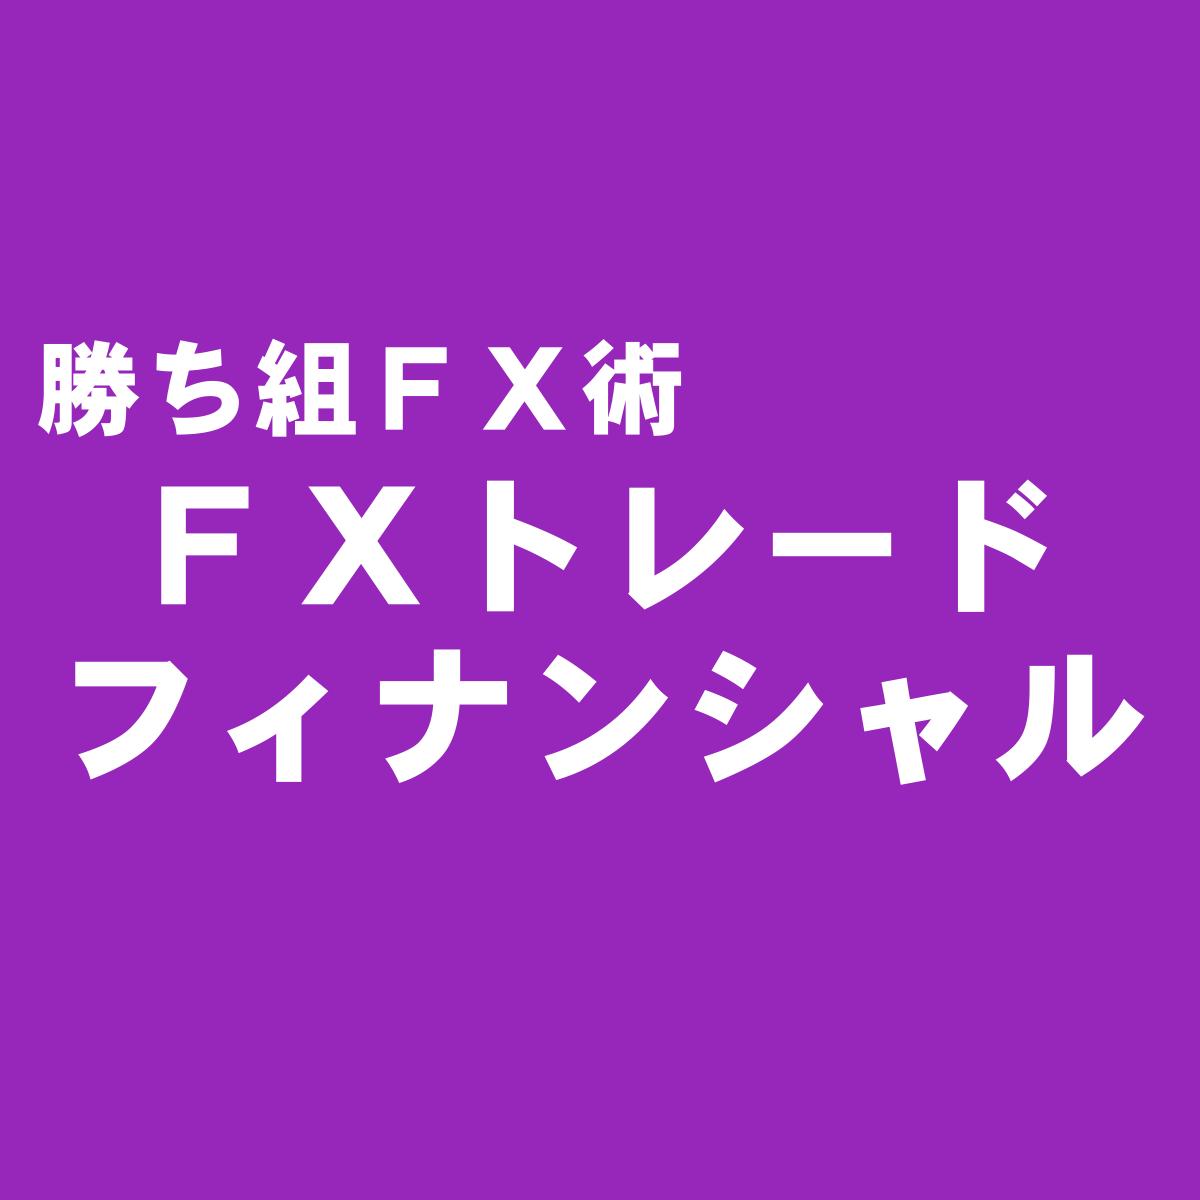 FXトレード・フィナンシャル